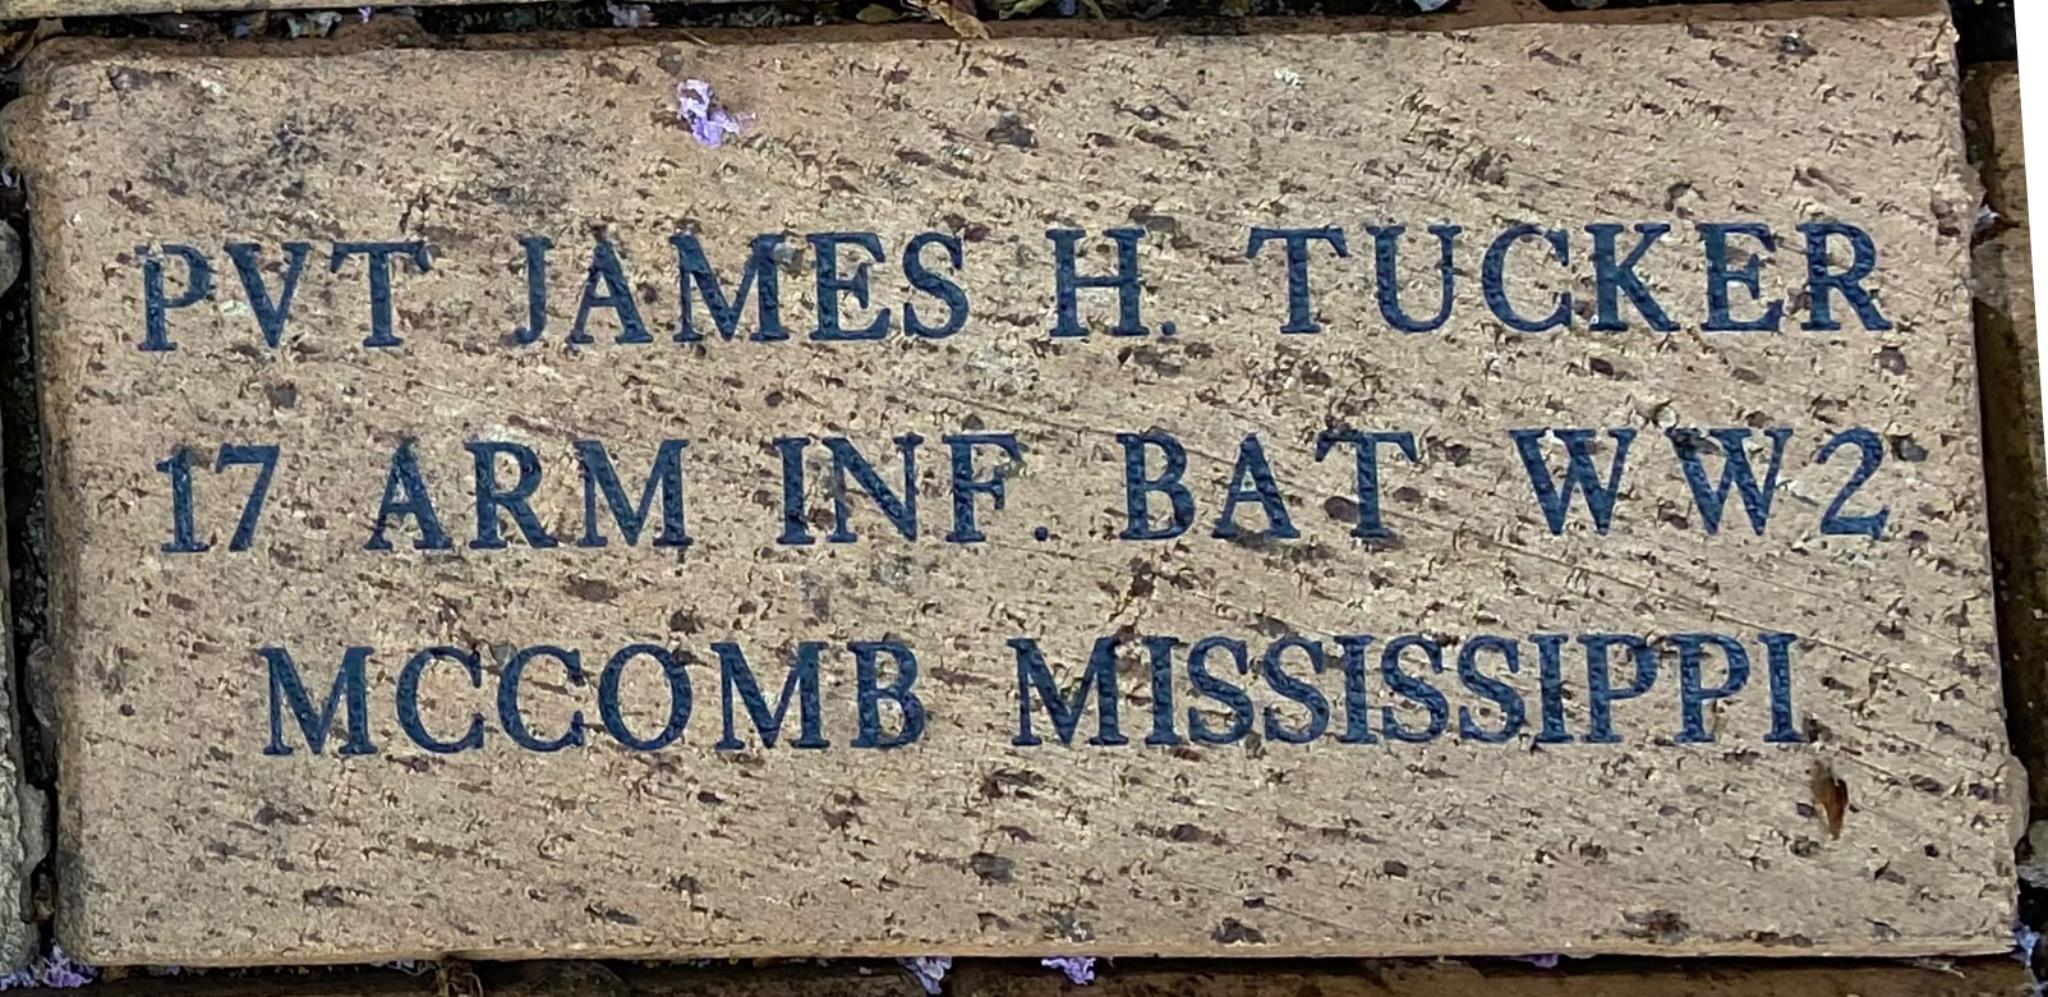 PVT JAMES H. TUCKER 17 ARM INF. BAT WW2 MCCOMB MISSISSIPPI